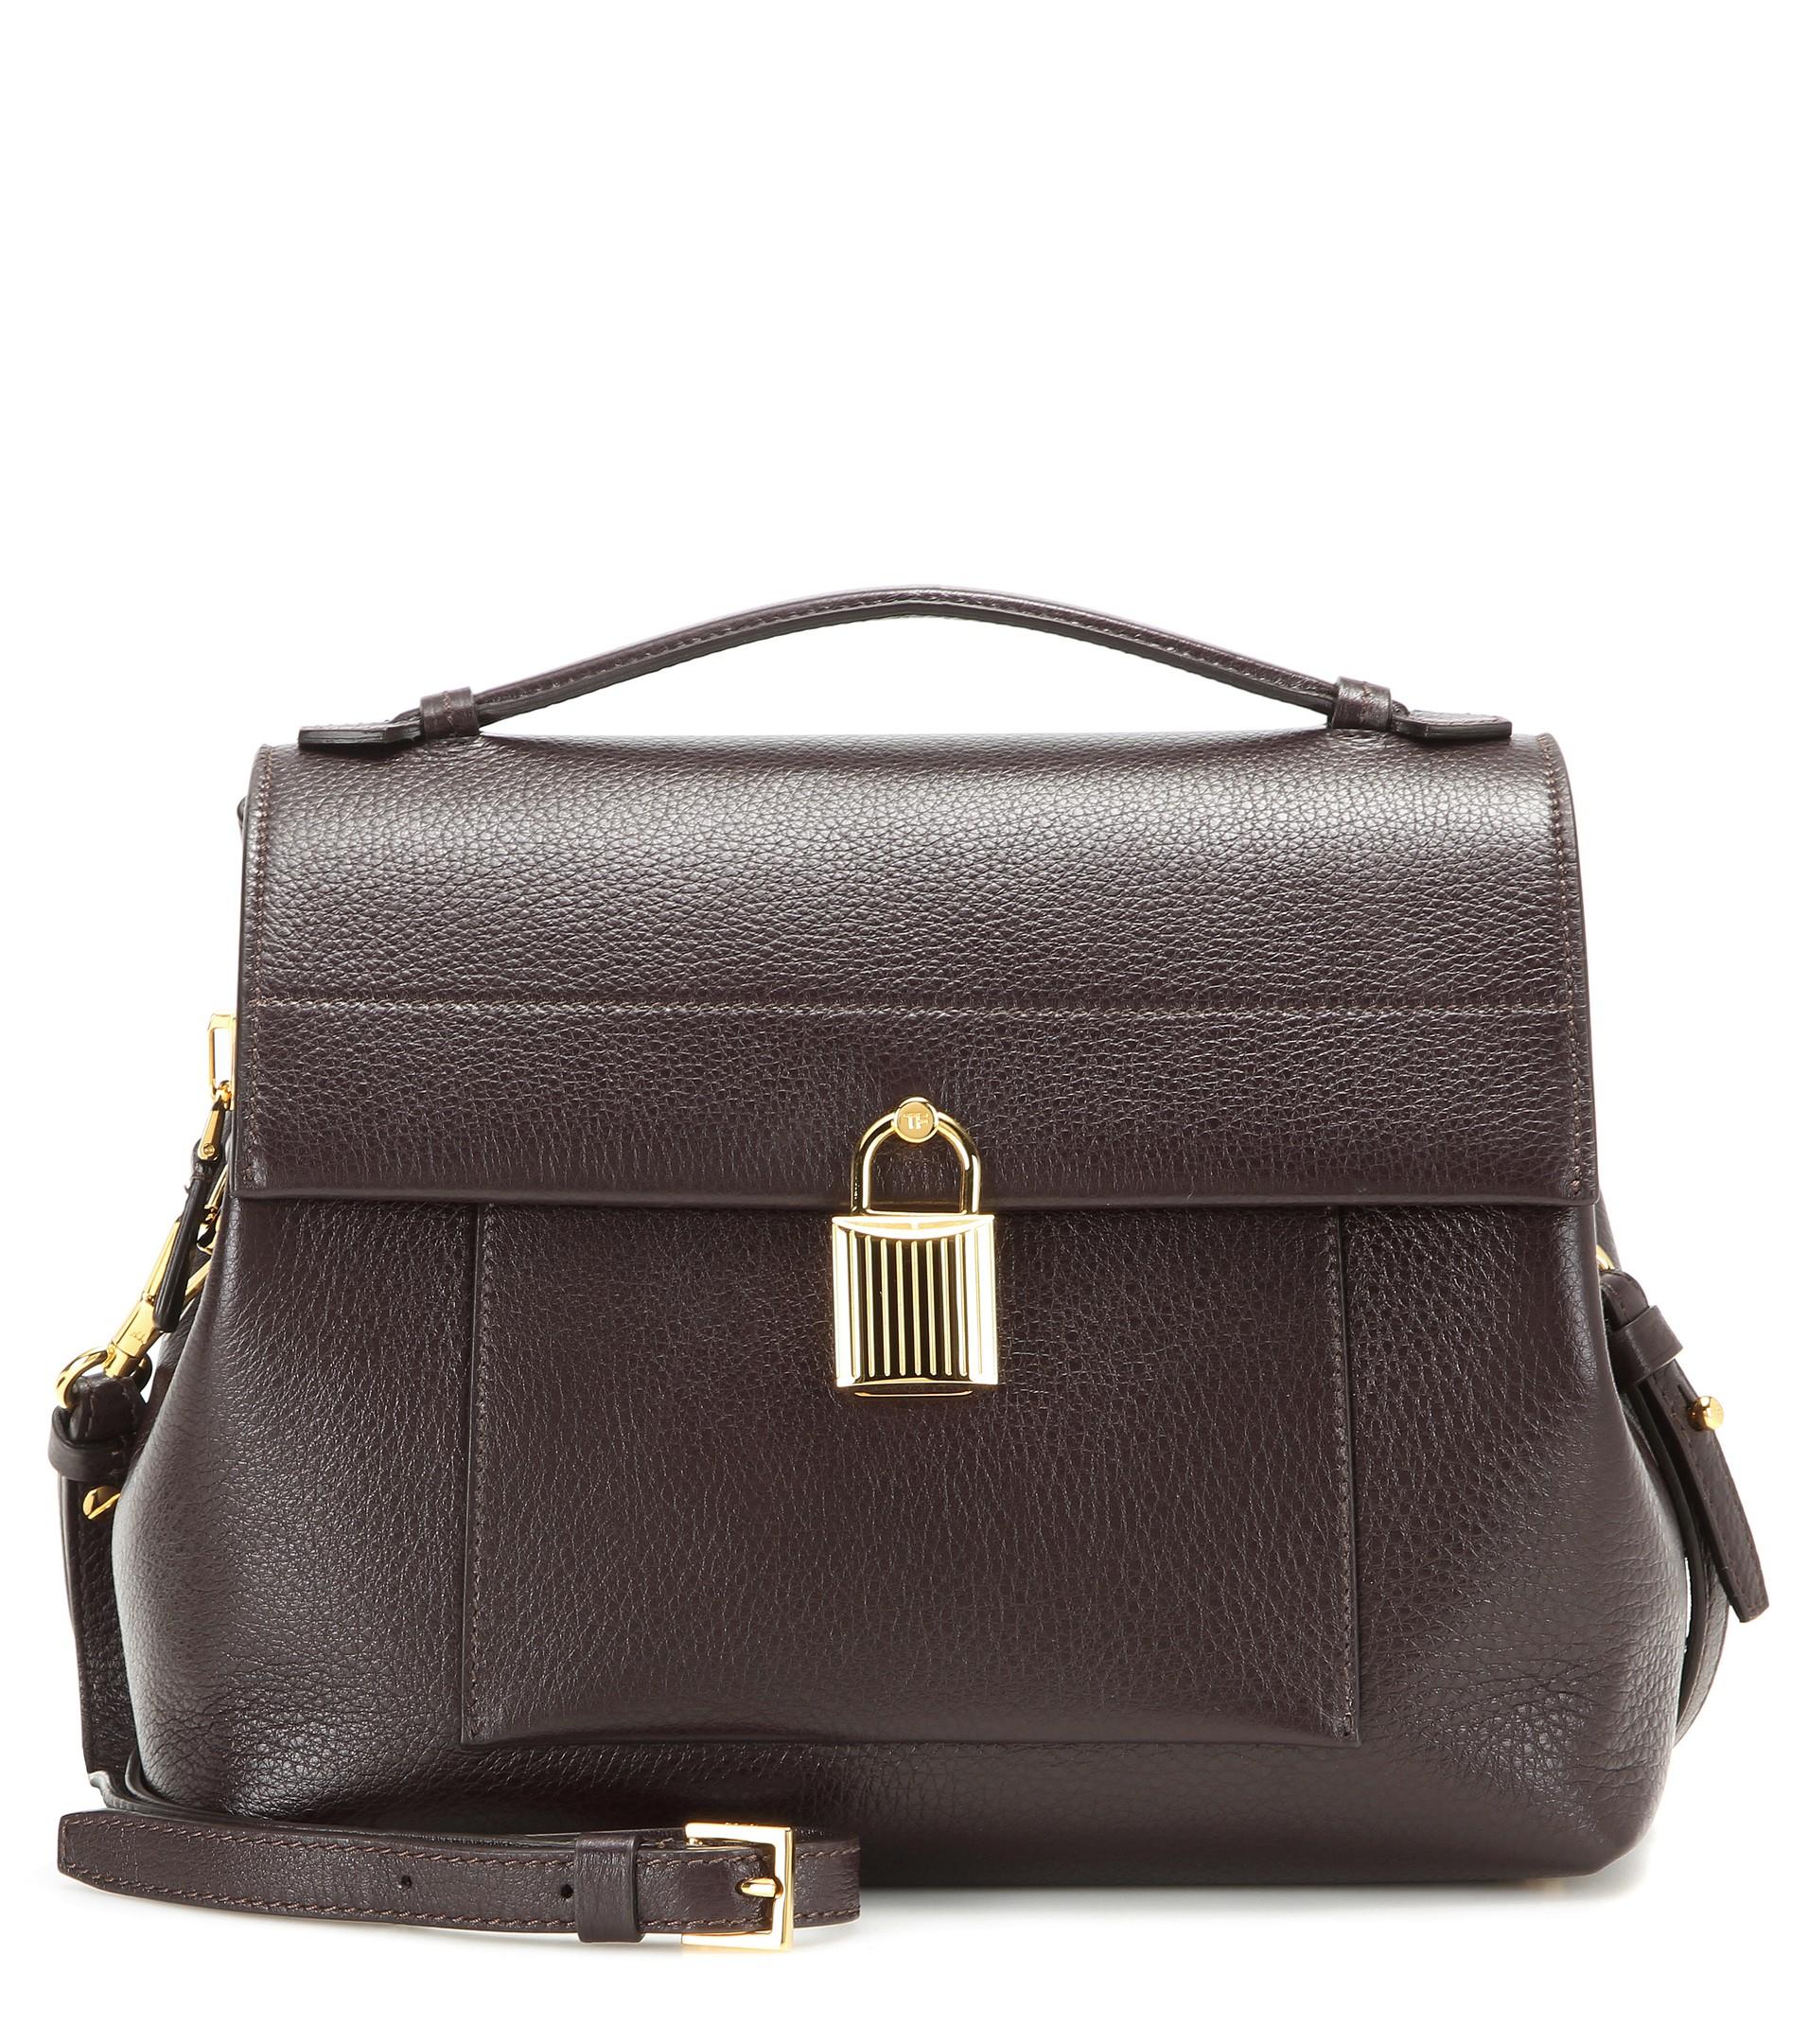 lyst tom ford padlock trapeze leather shoulder bag in brown. Black Bedroom Furniture Sets. Home Design Ideas